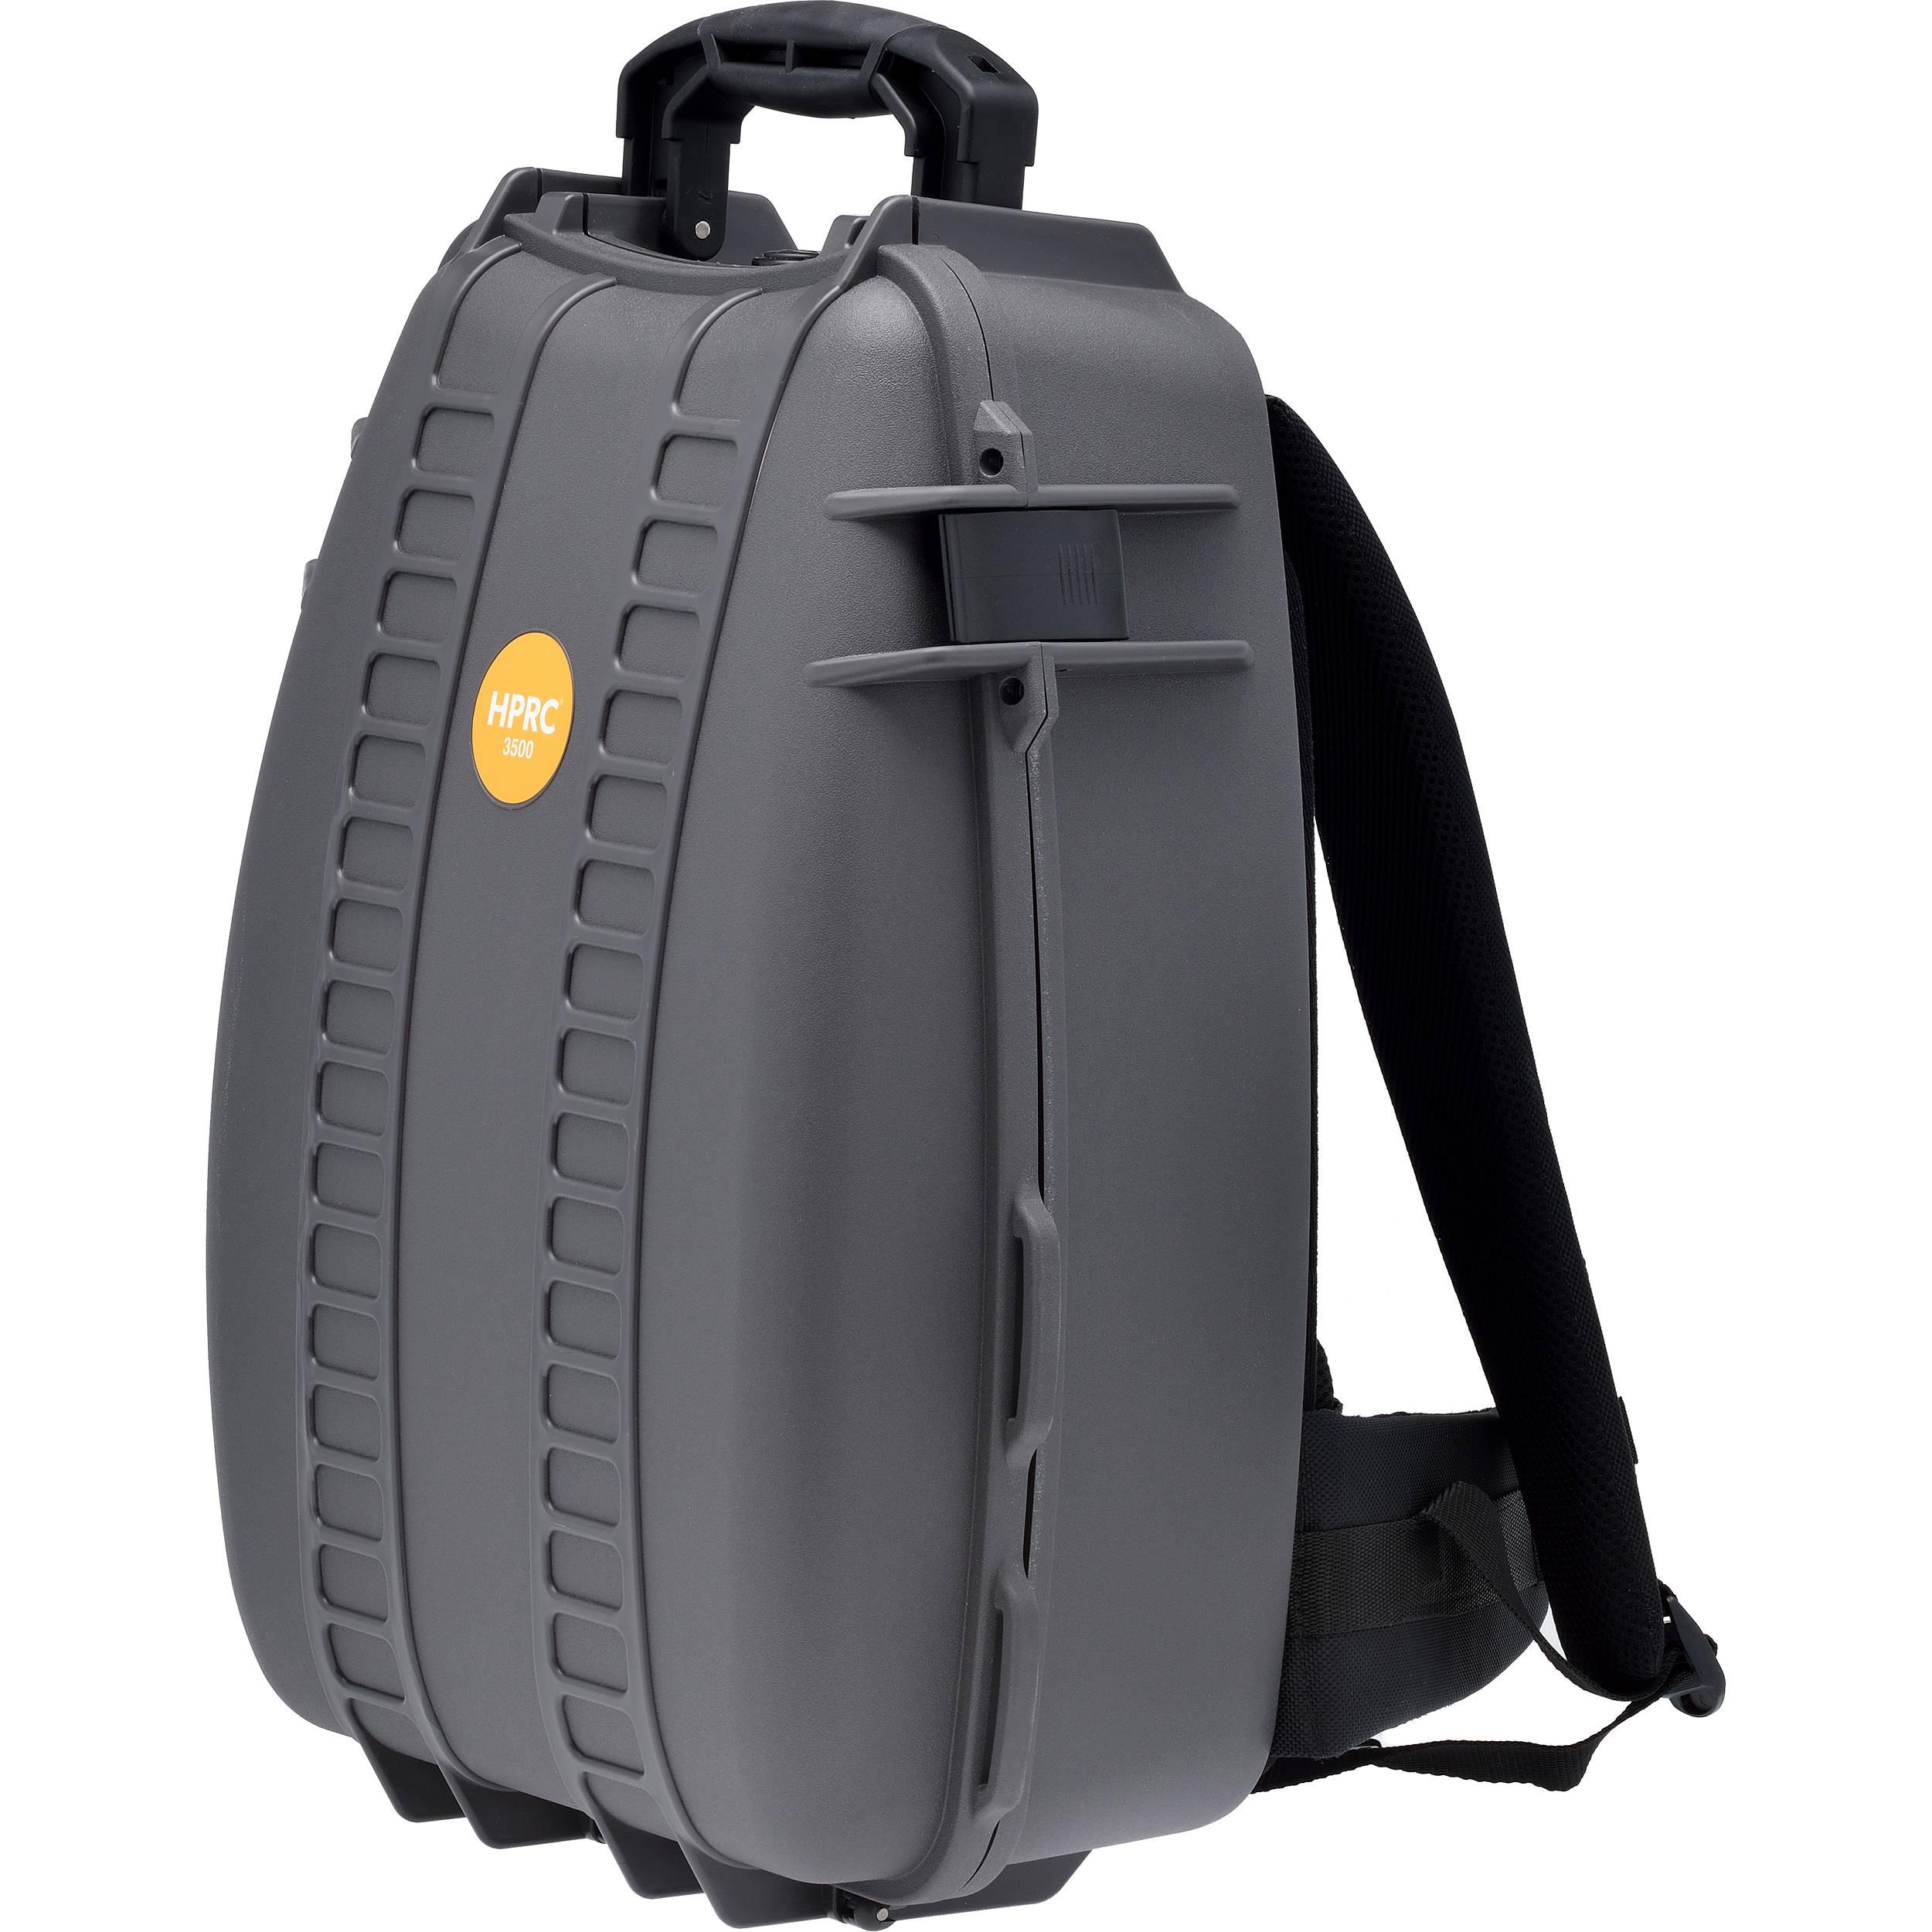 Рюкзак для диджиай mavic купить очки dji для диджиай в ангарск